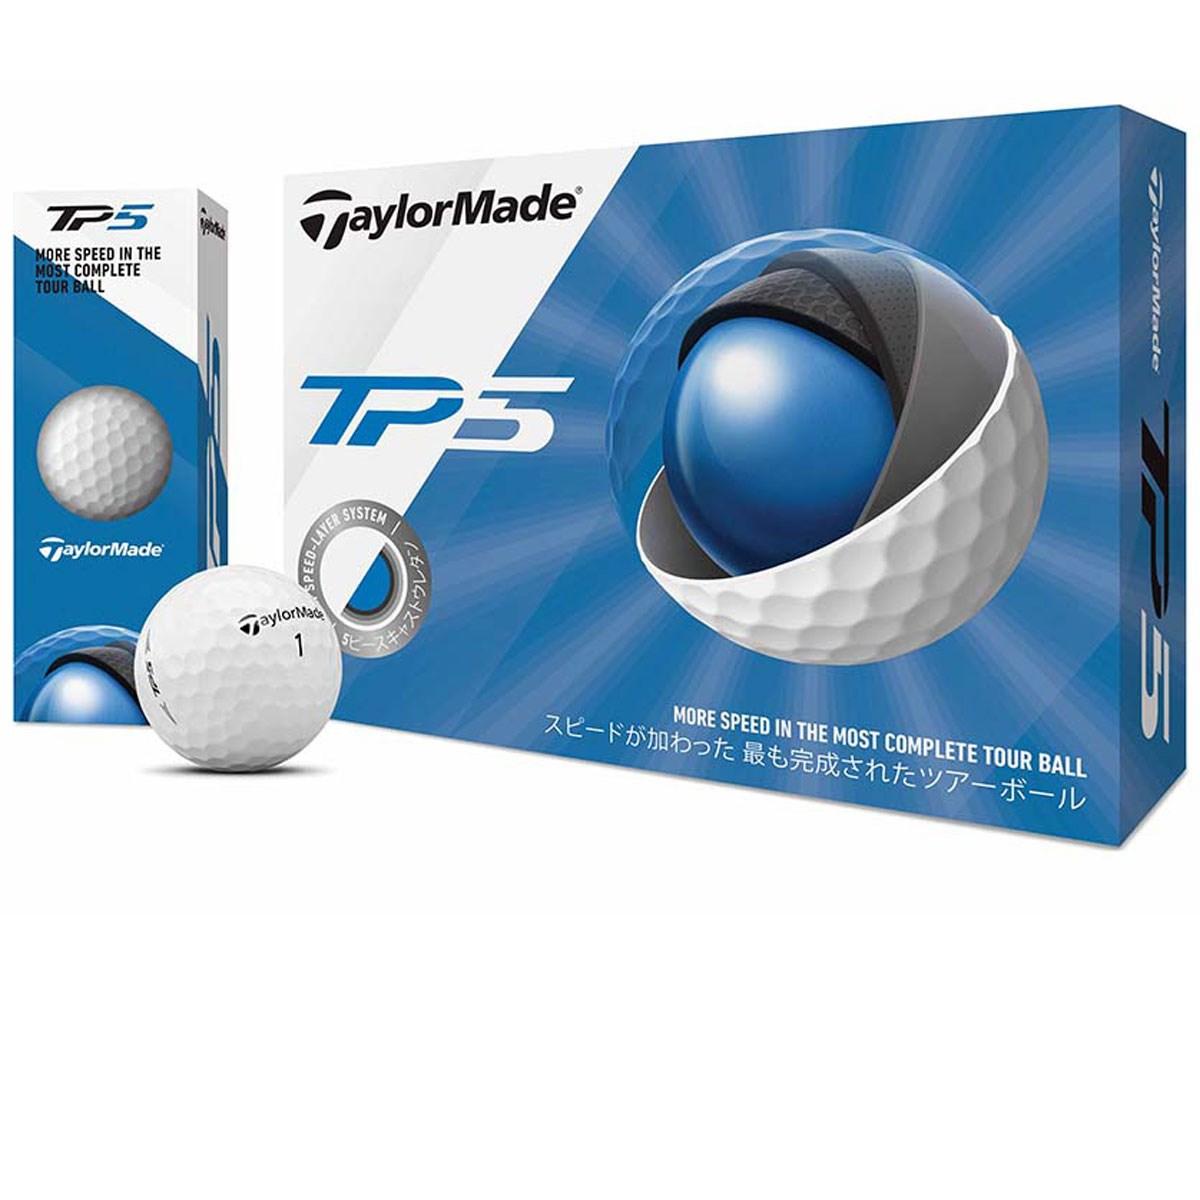 テーラーメイド TP TP5 ボール 1ダース(12個入り) ホワイト